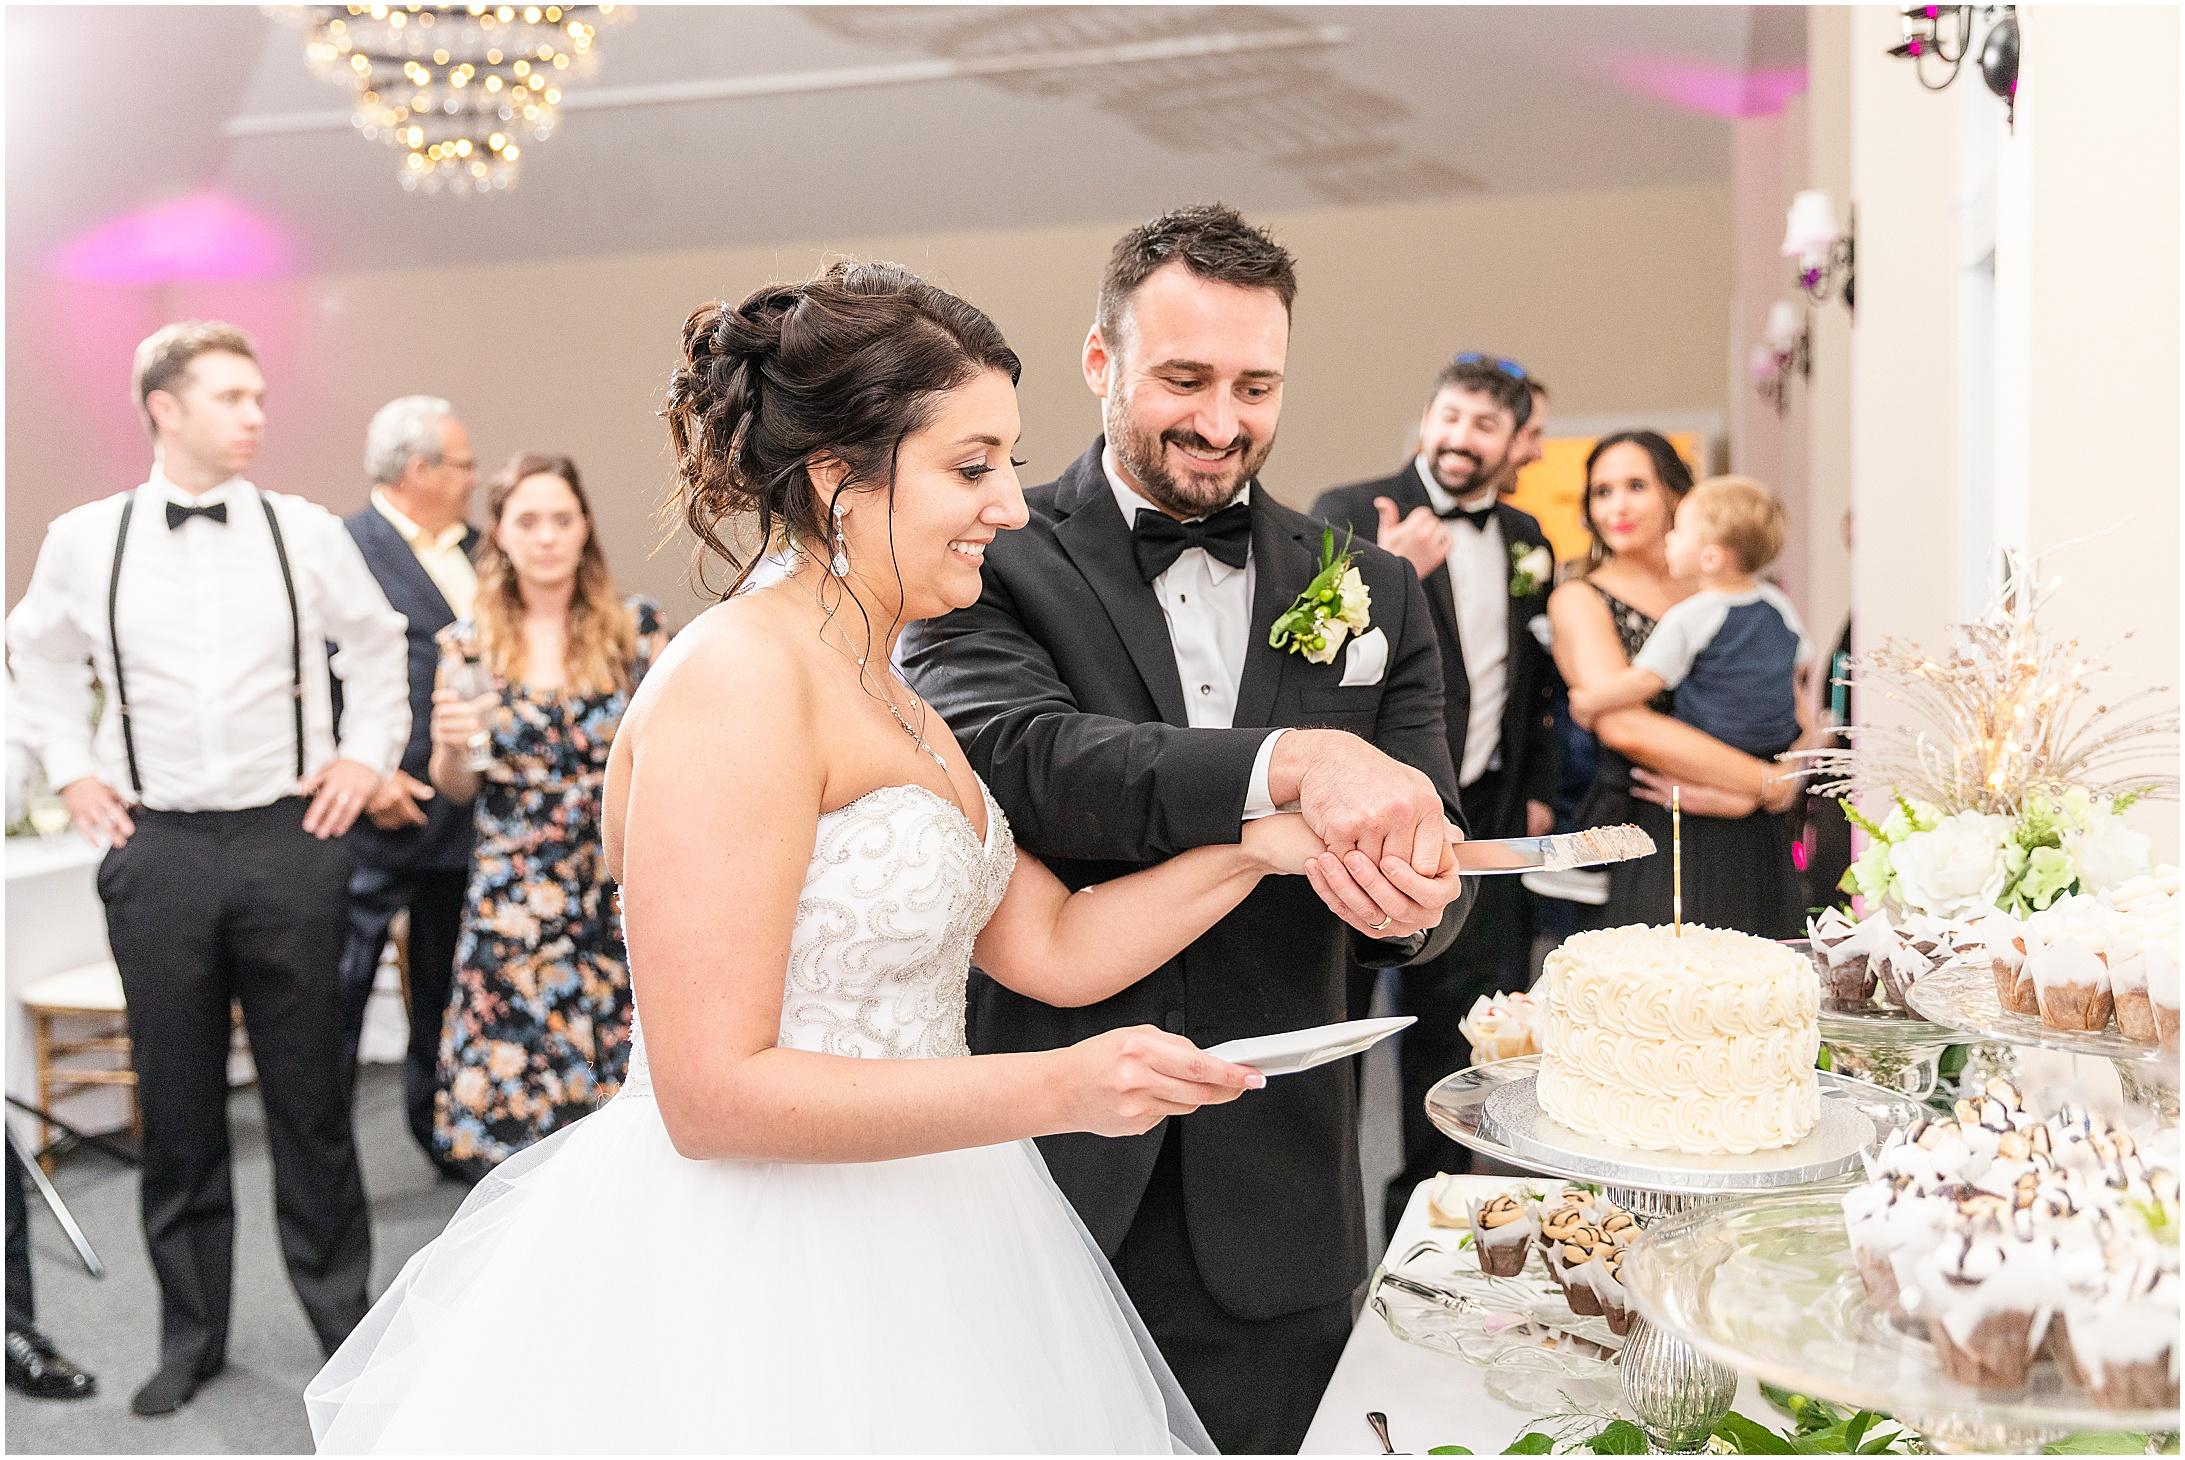 Stone-manor-country-club-wedding-photos-174.jpg